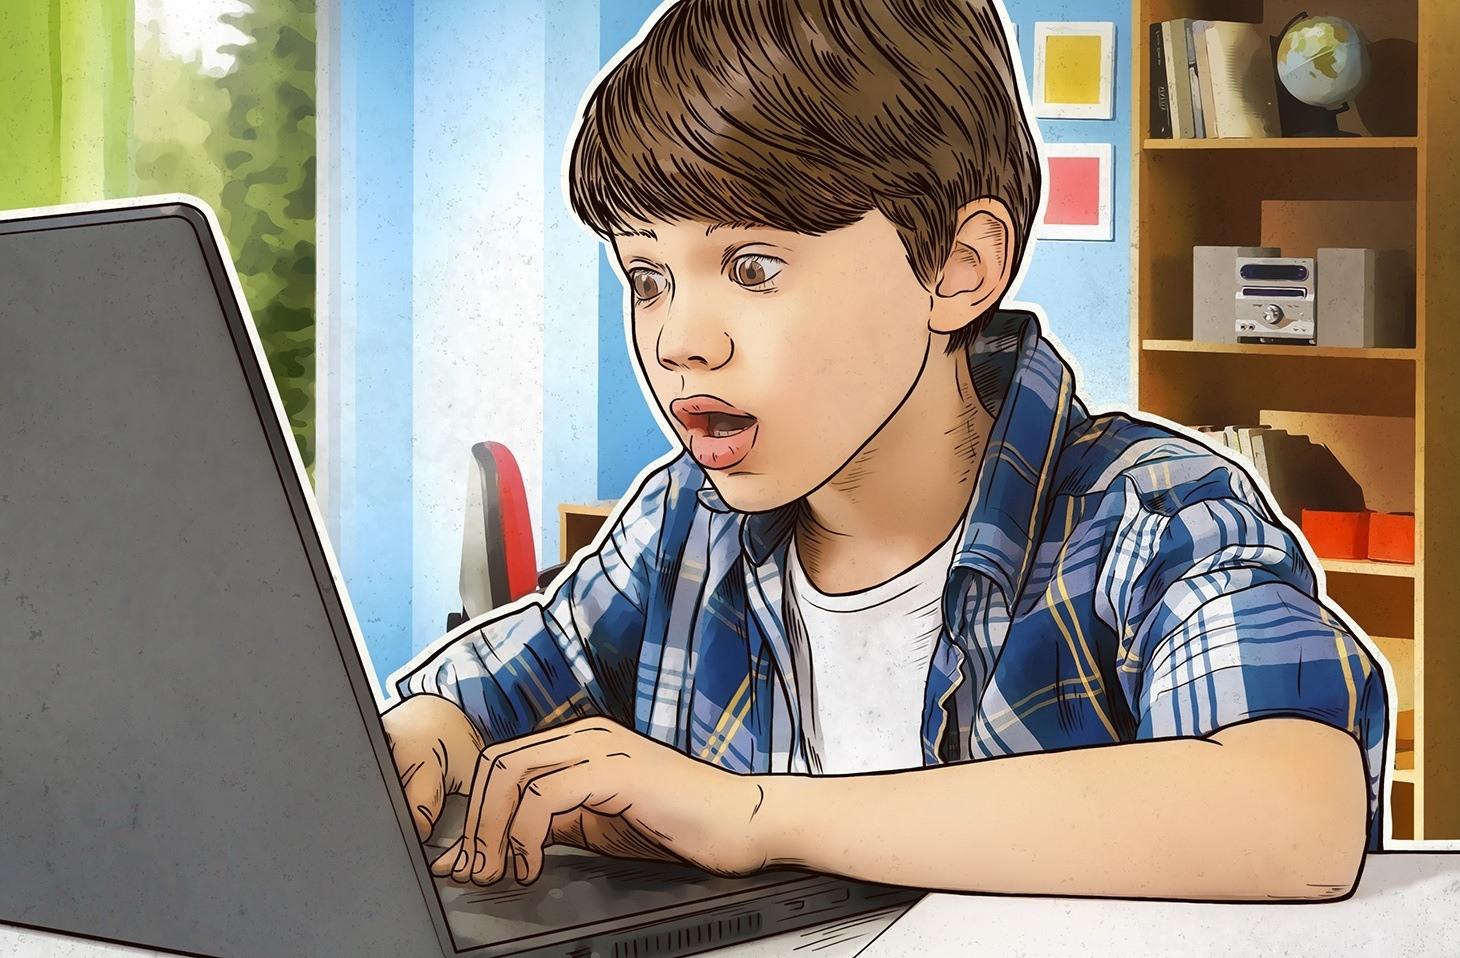 Most popular porno web site